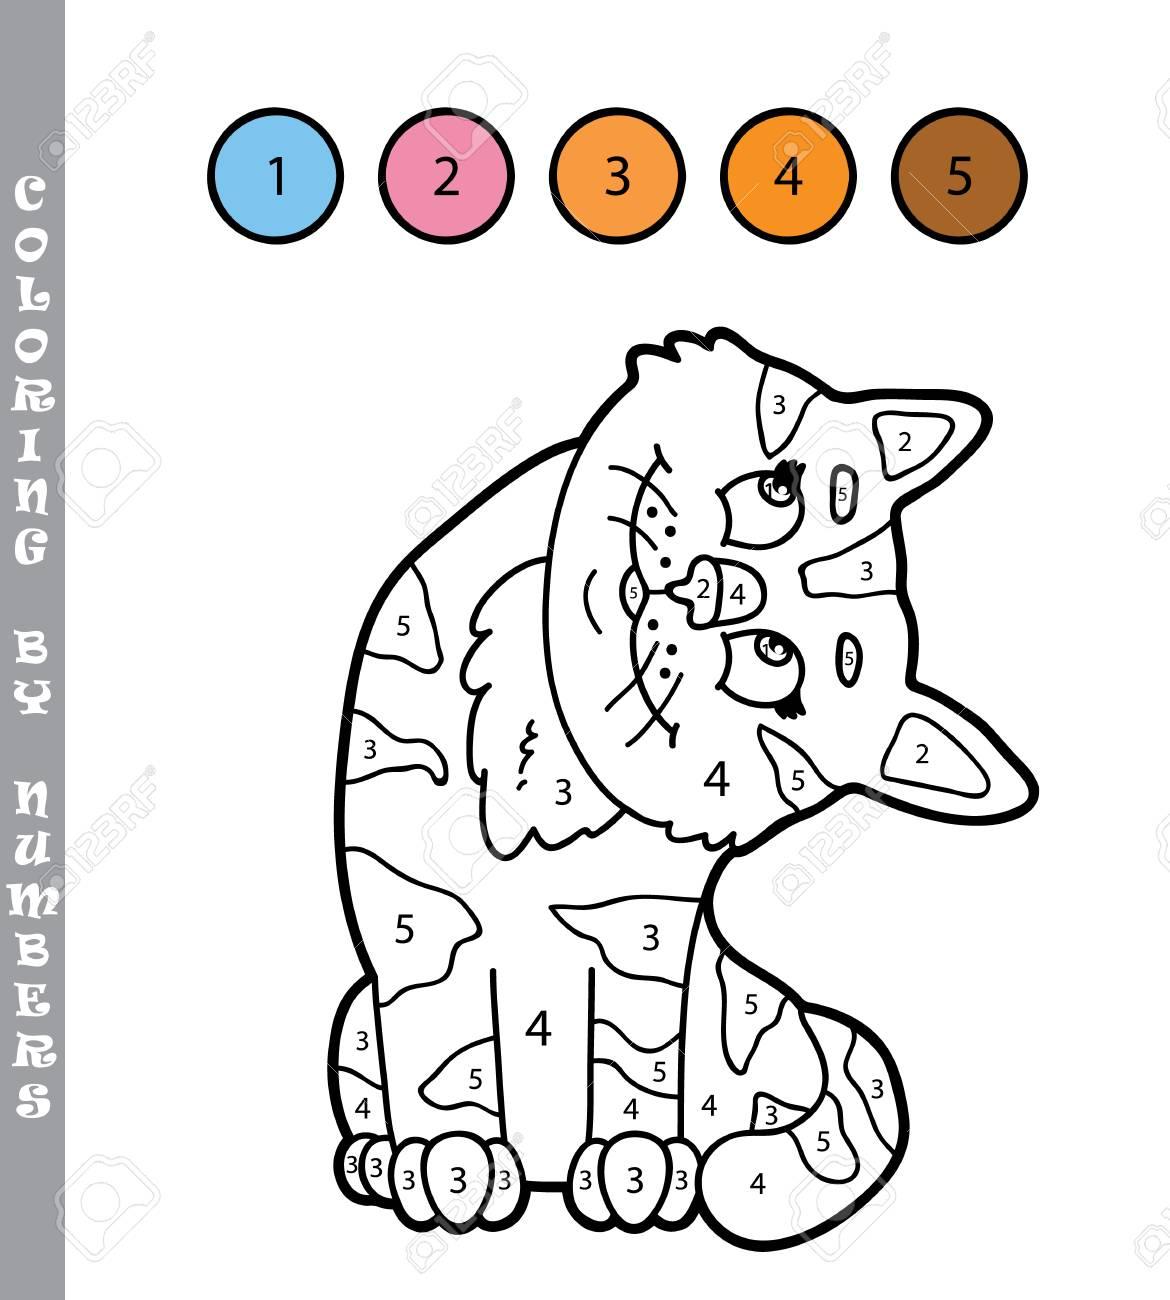 Vector Illustration Coloriage Par Numéros Jeu Éducatif Avec Personnage De  Chat De Dessin Animé Pour Les Enfants pour Jeux De Dessin De Chat